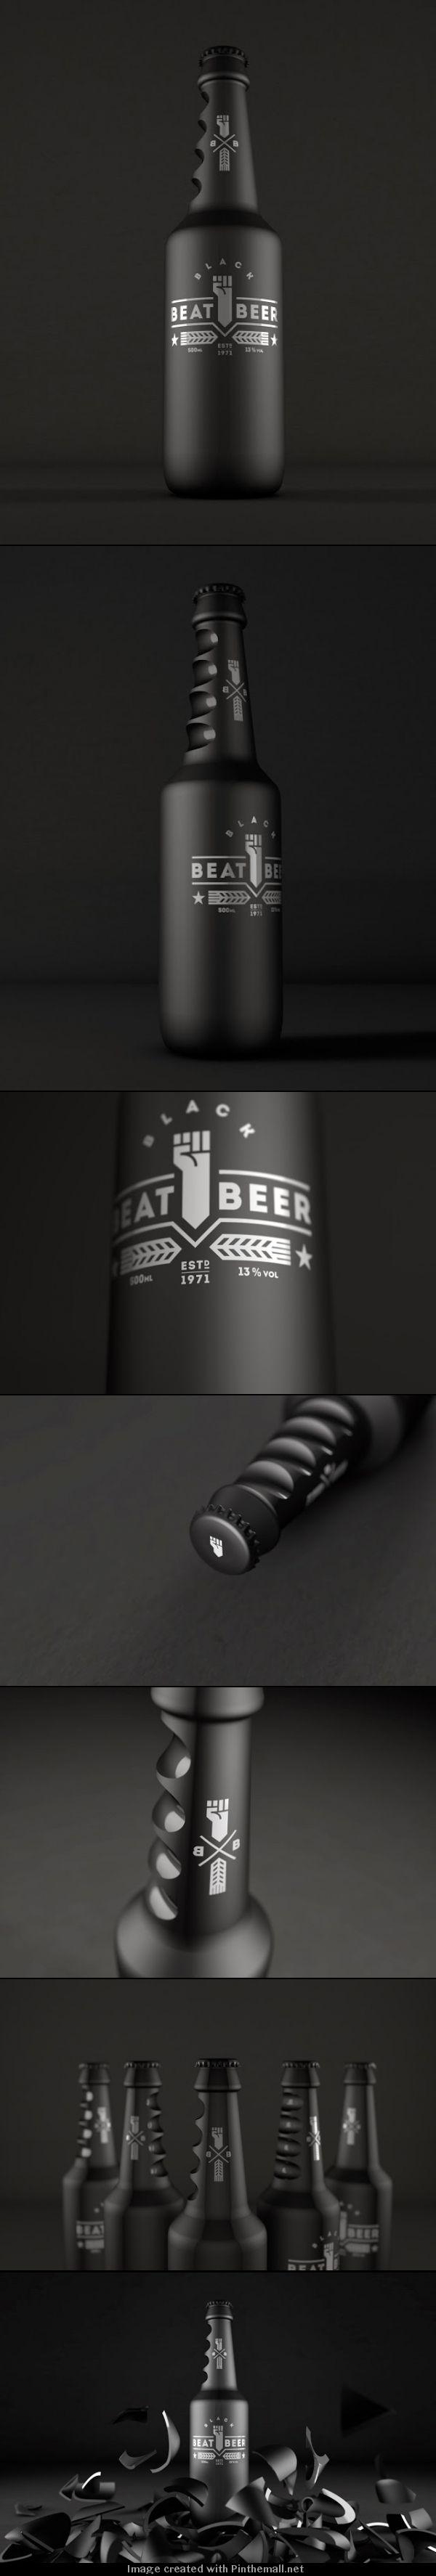 Beat Beer (Concept) . Packaging design . Bottle . Black . Product design . Brand .